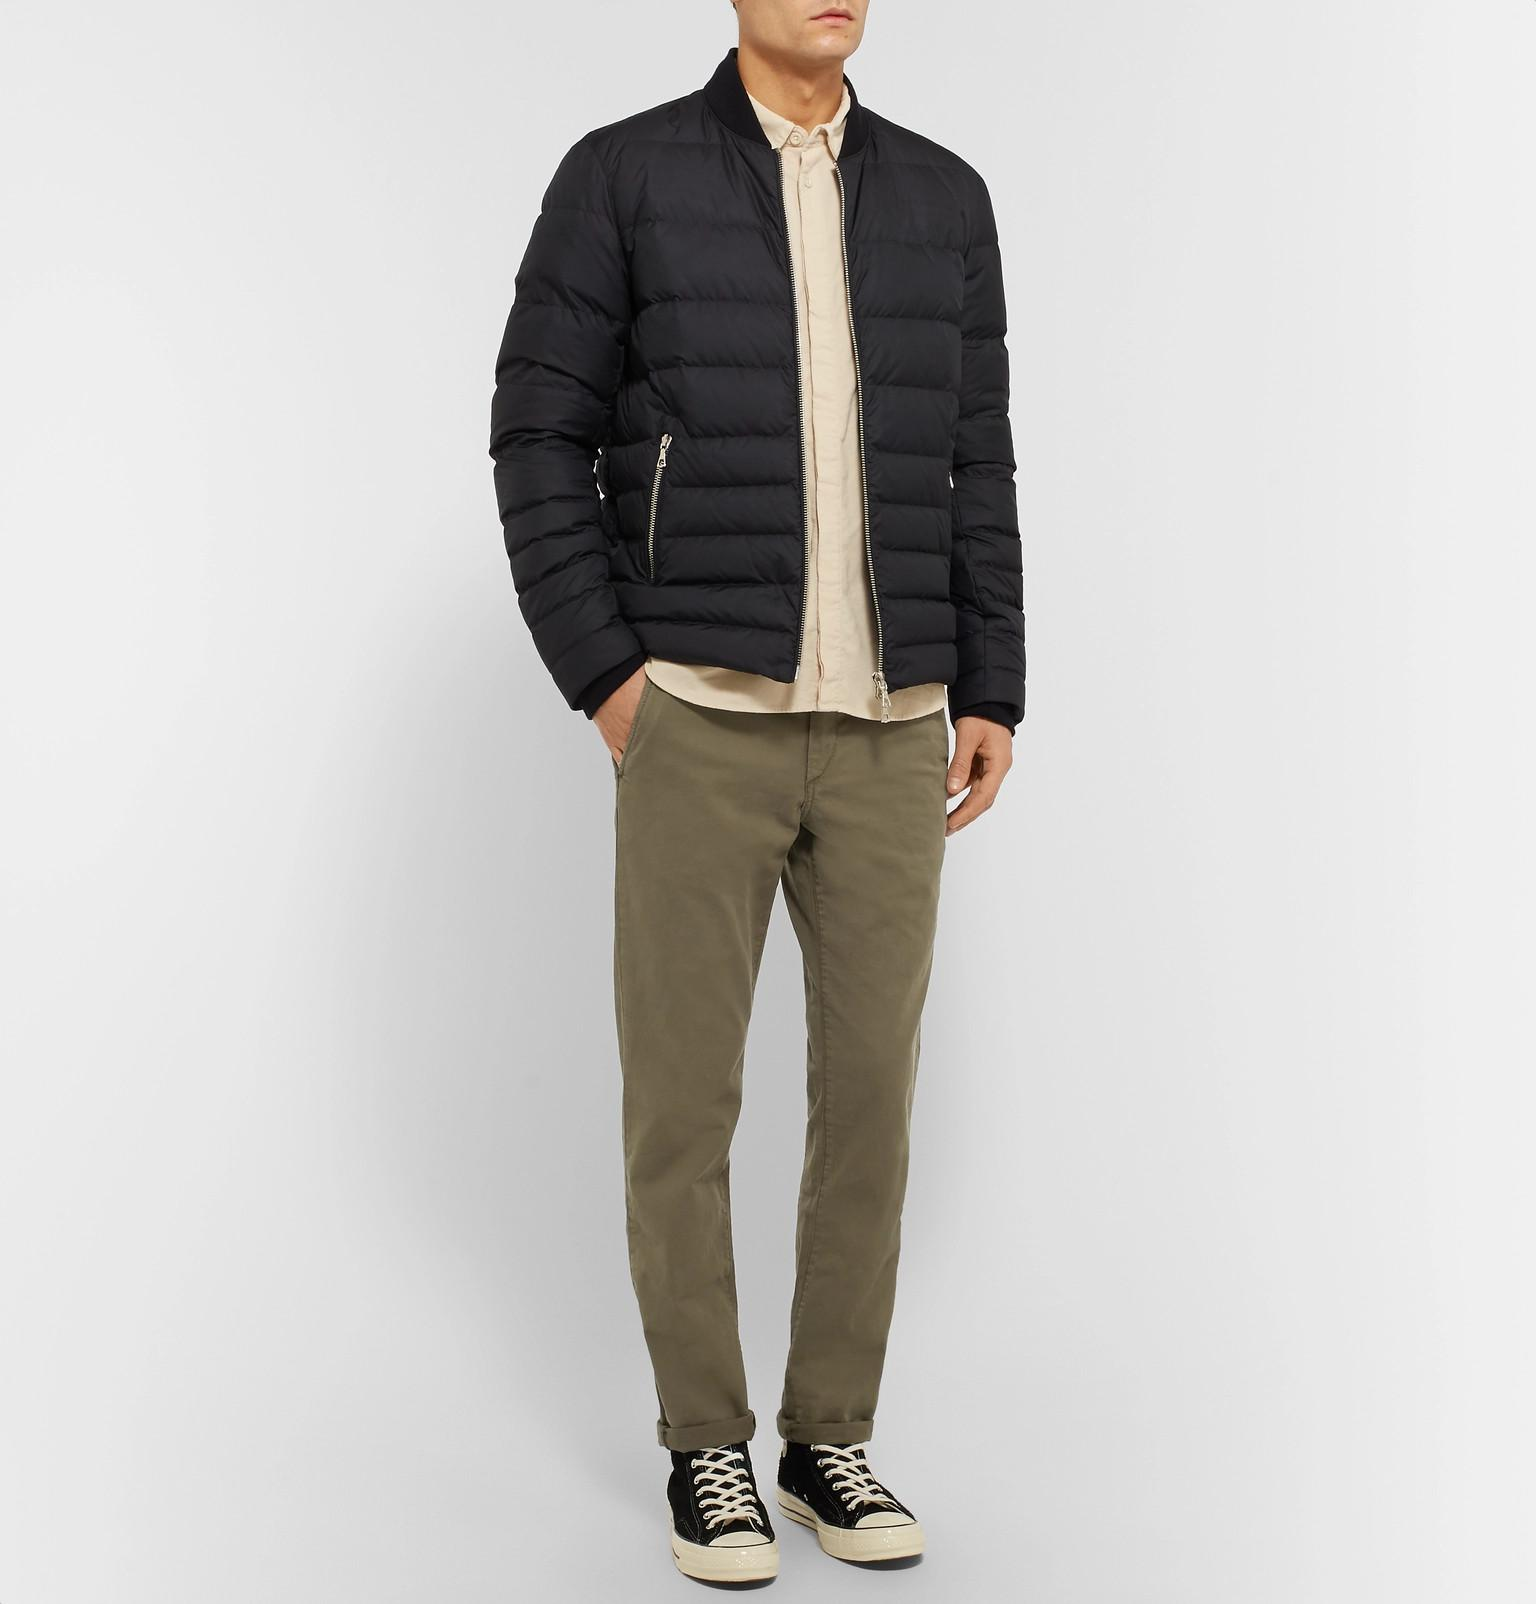 7529e7454ca29 rag-bone-army-green-Fit-2-Slim-fit-Garment-dyed-Stretch-cotton-Twill-Chinos.jpeg